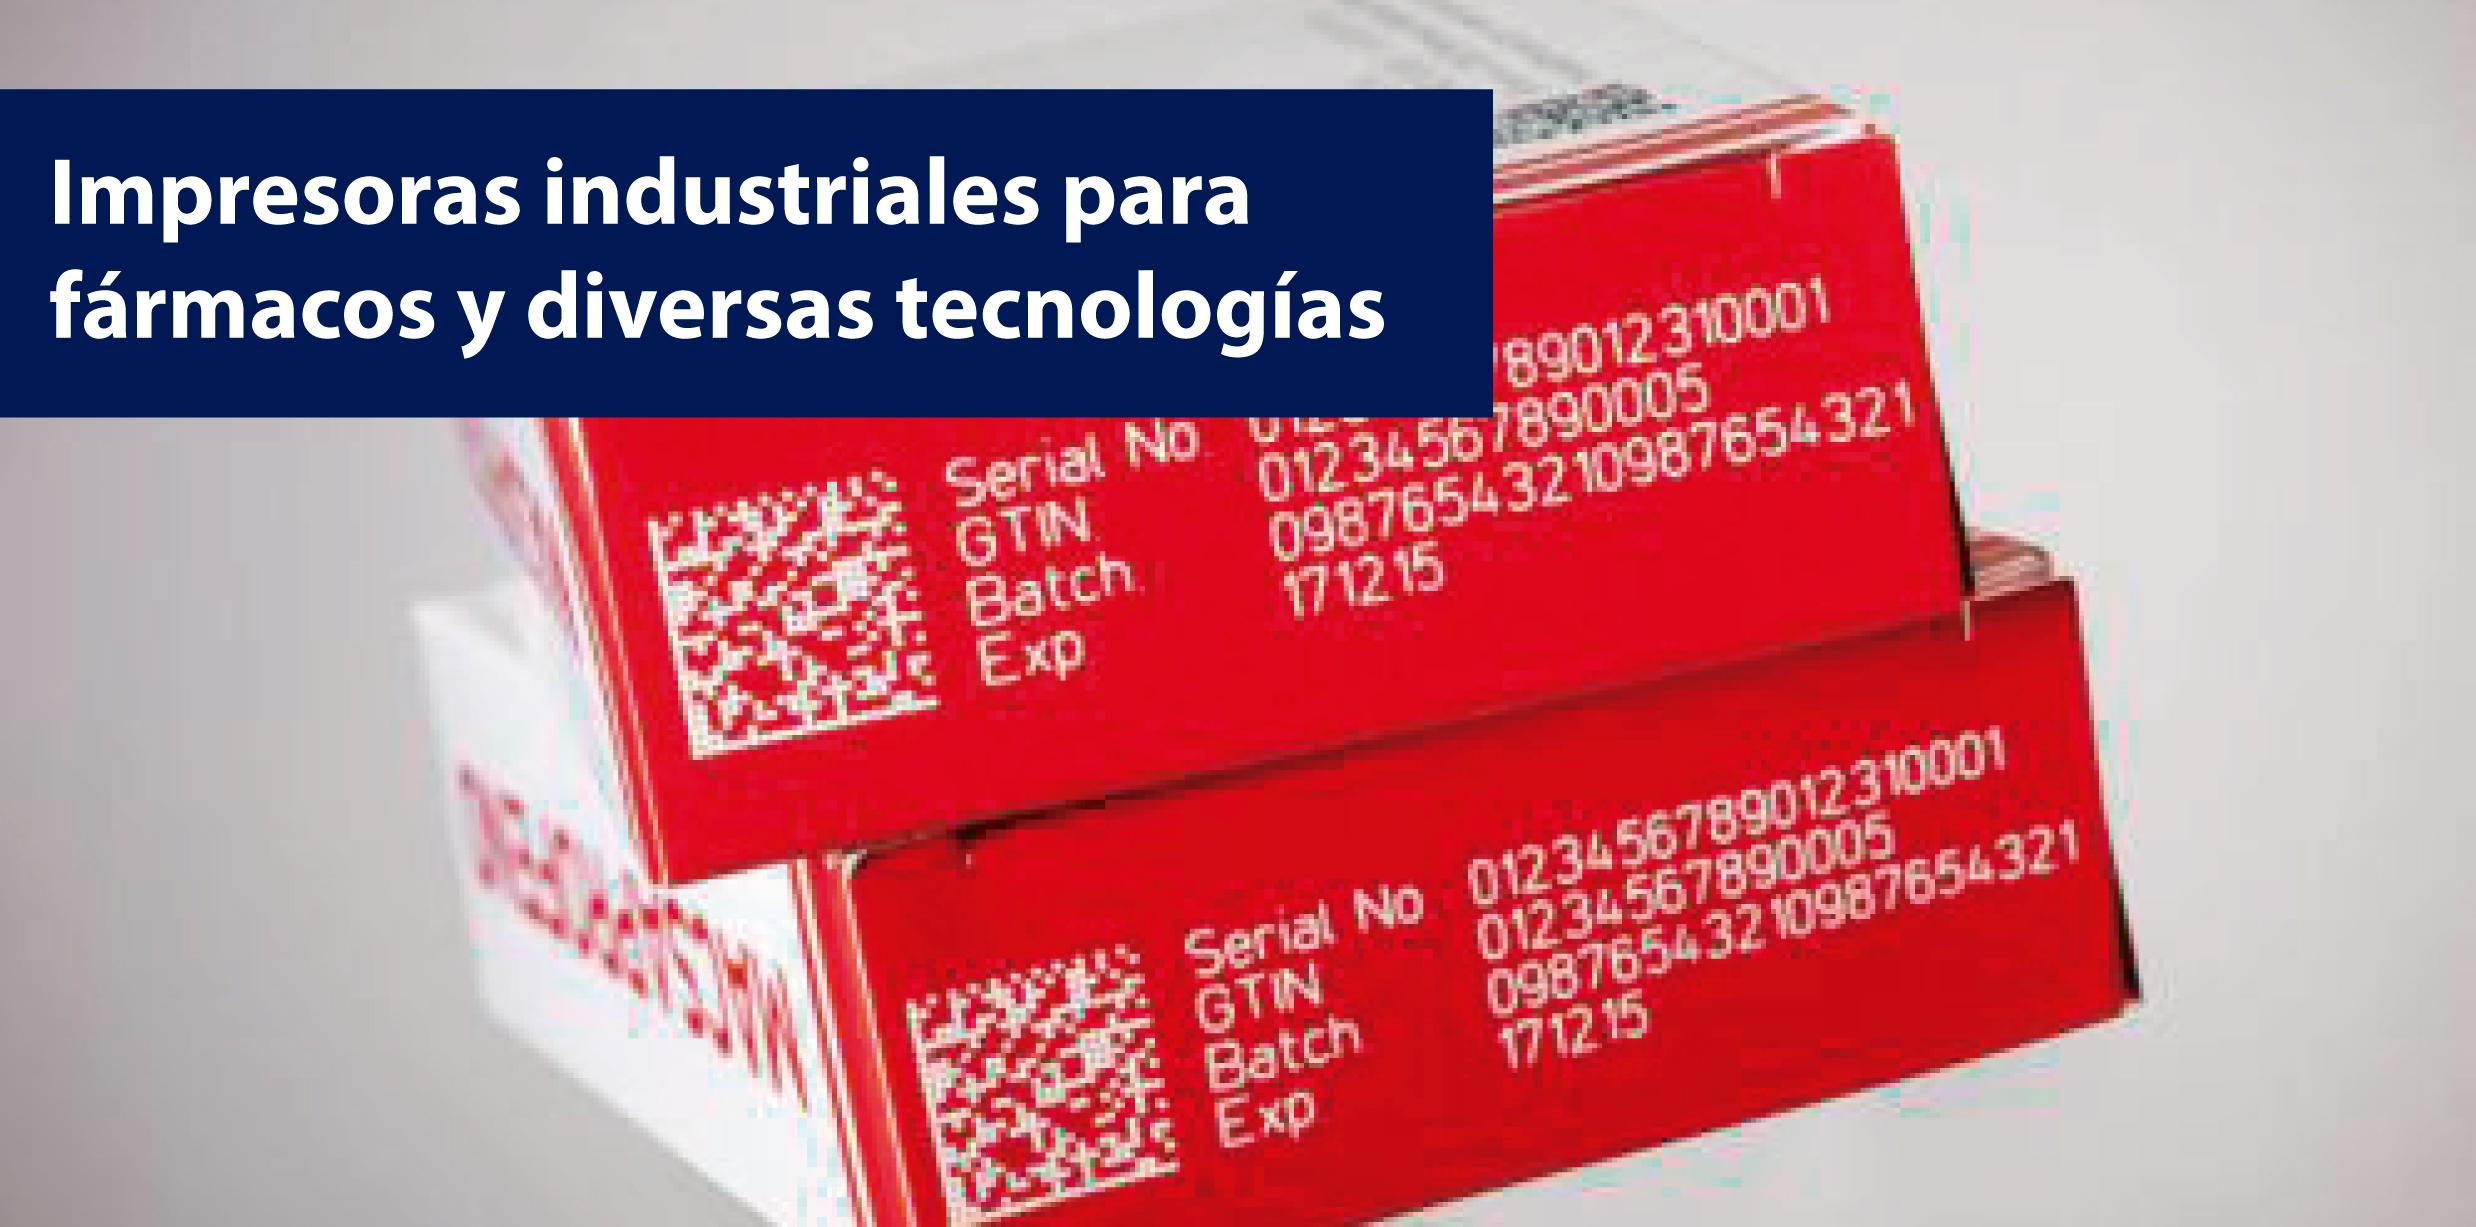 impresoras industriales para fármacos y diversas tecnologías